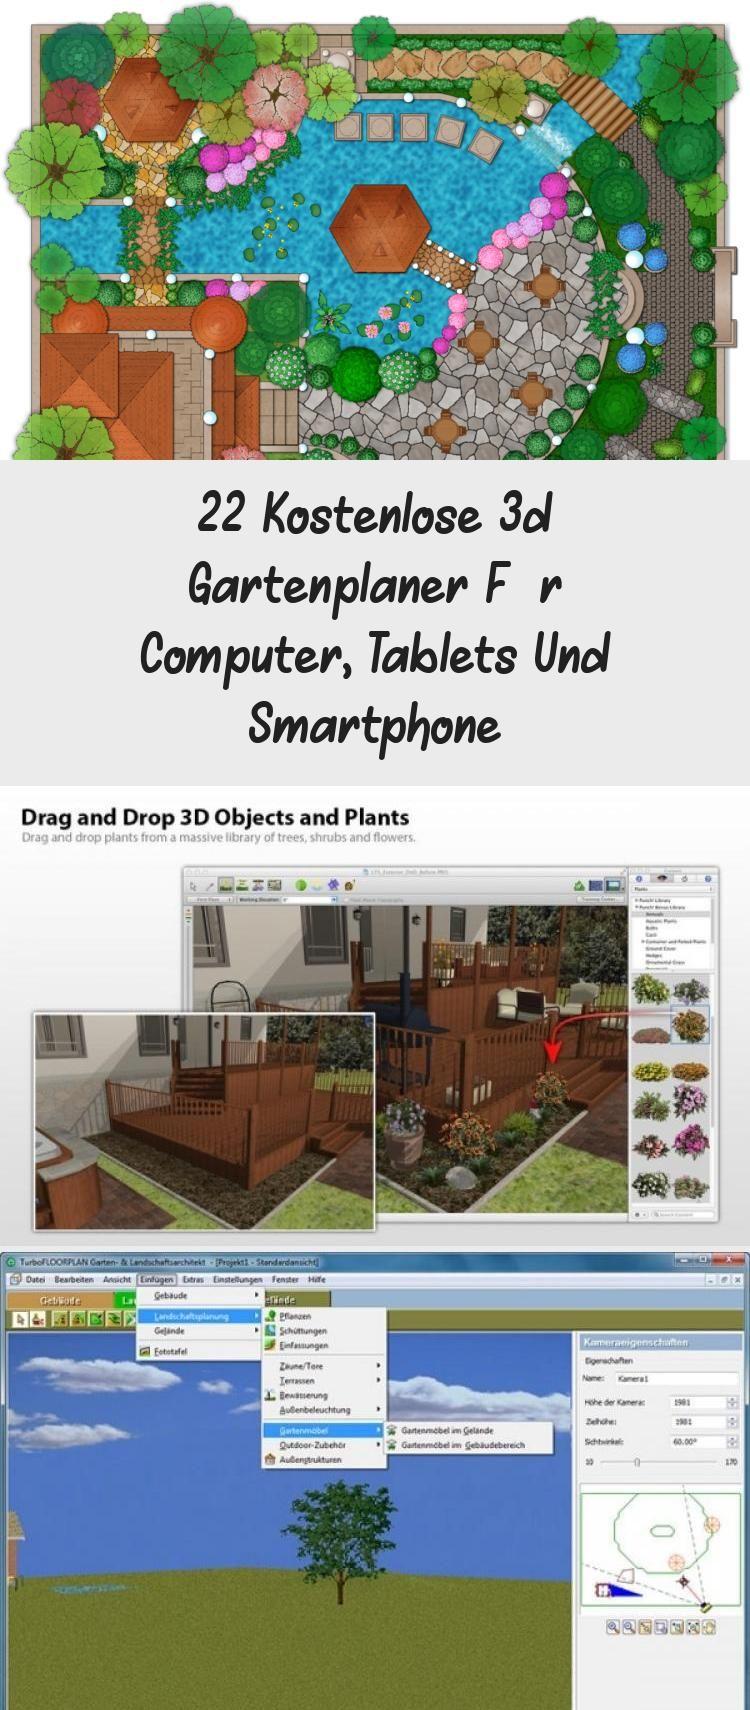 22 Kostenlose 3d Gartenplaner Fur Computer Tablets Und Smartphone In 2020 Planting Flowers Plants Smartphone